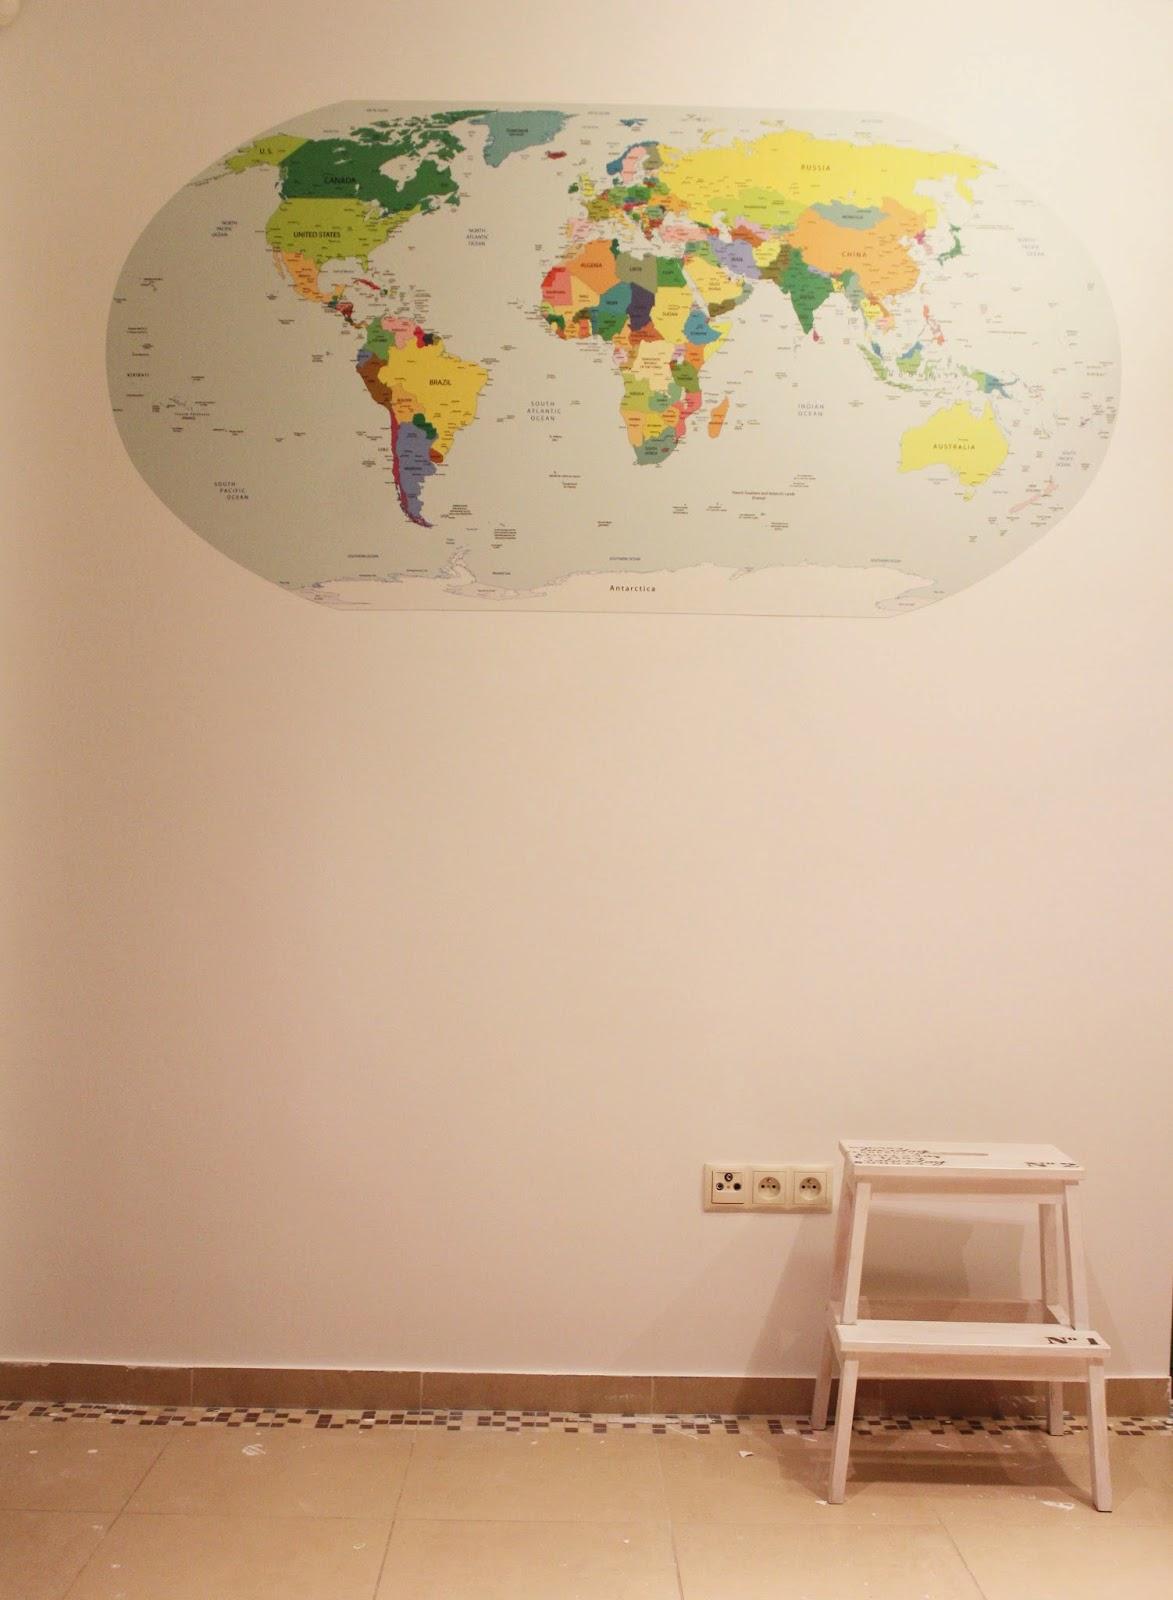 zmiany w pokoju ucznia,pokój dla dziecka jakie kolory,inspiracje pokoje dziecięce,blog o wnętrzach,DIy,filmy poklatkowe,metamorfoza pokoju dziecka,białe ściany w pokoju dziecka